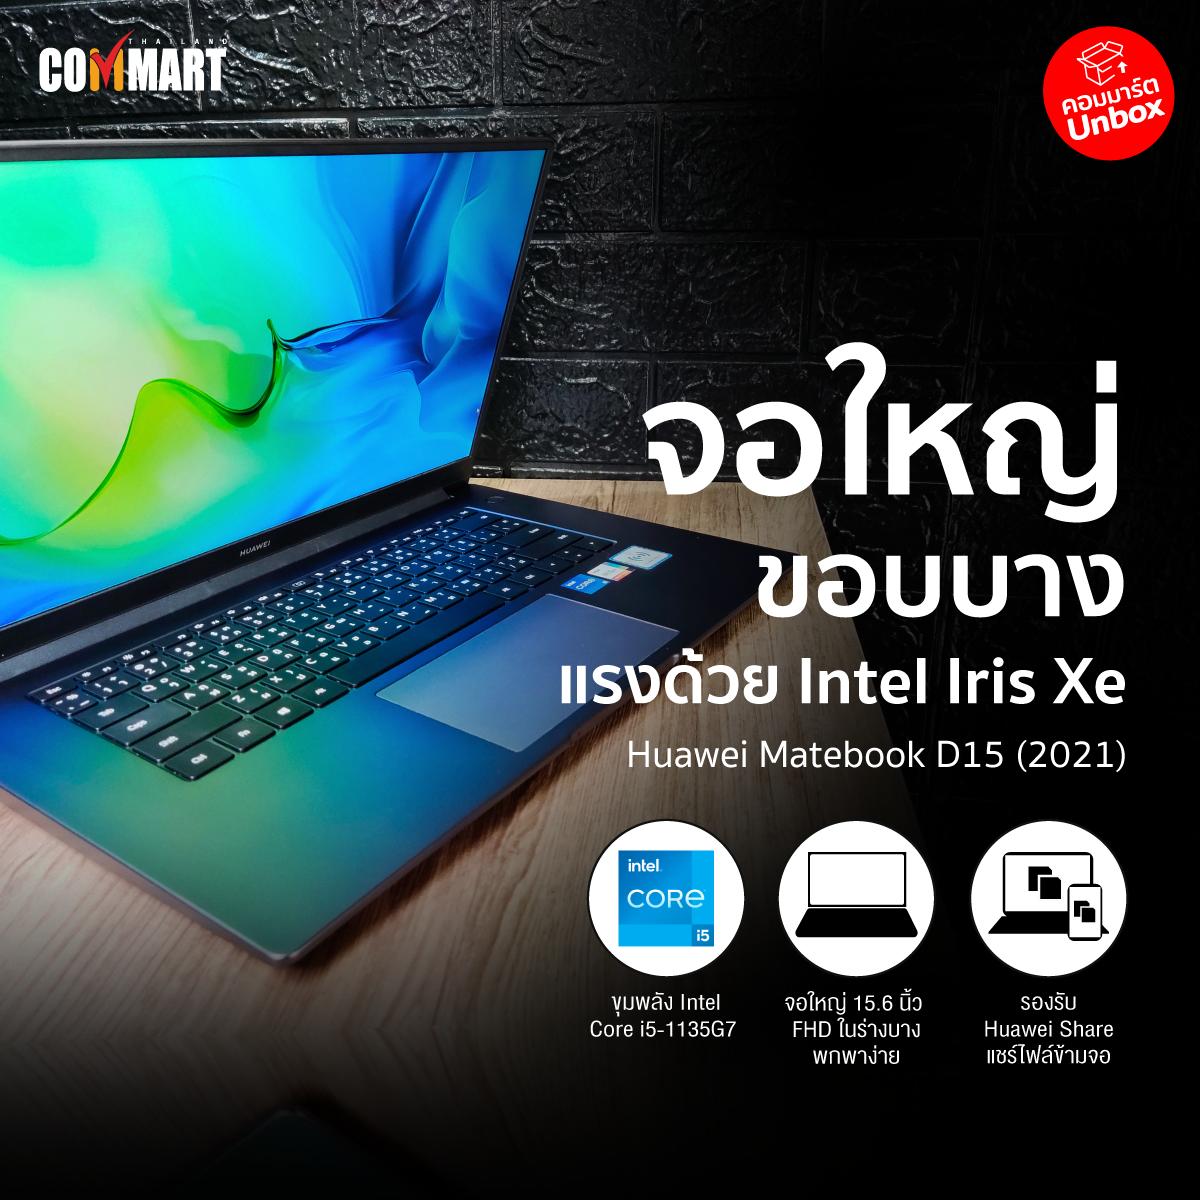 รีวิว : HUAWEI MateBook D15 (2021) จอใหญ่ขอบบาง แรงด้วย Intel Iris Xe